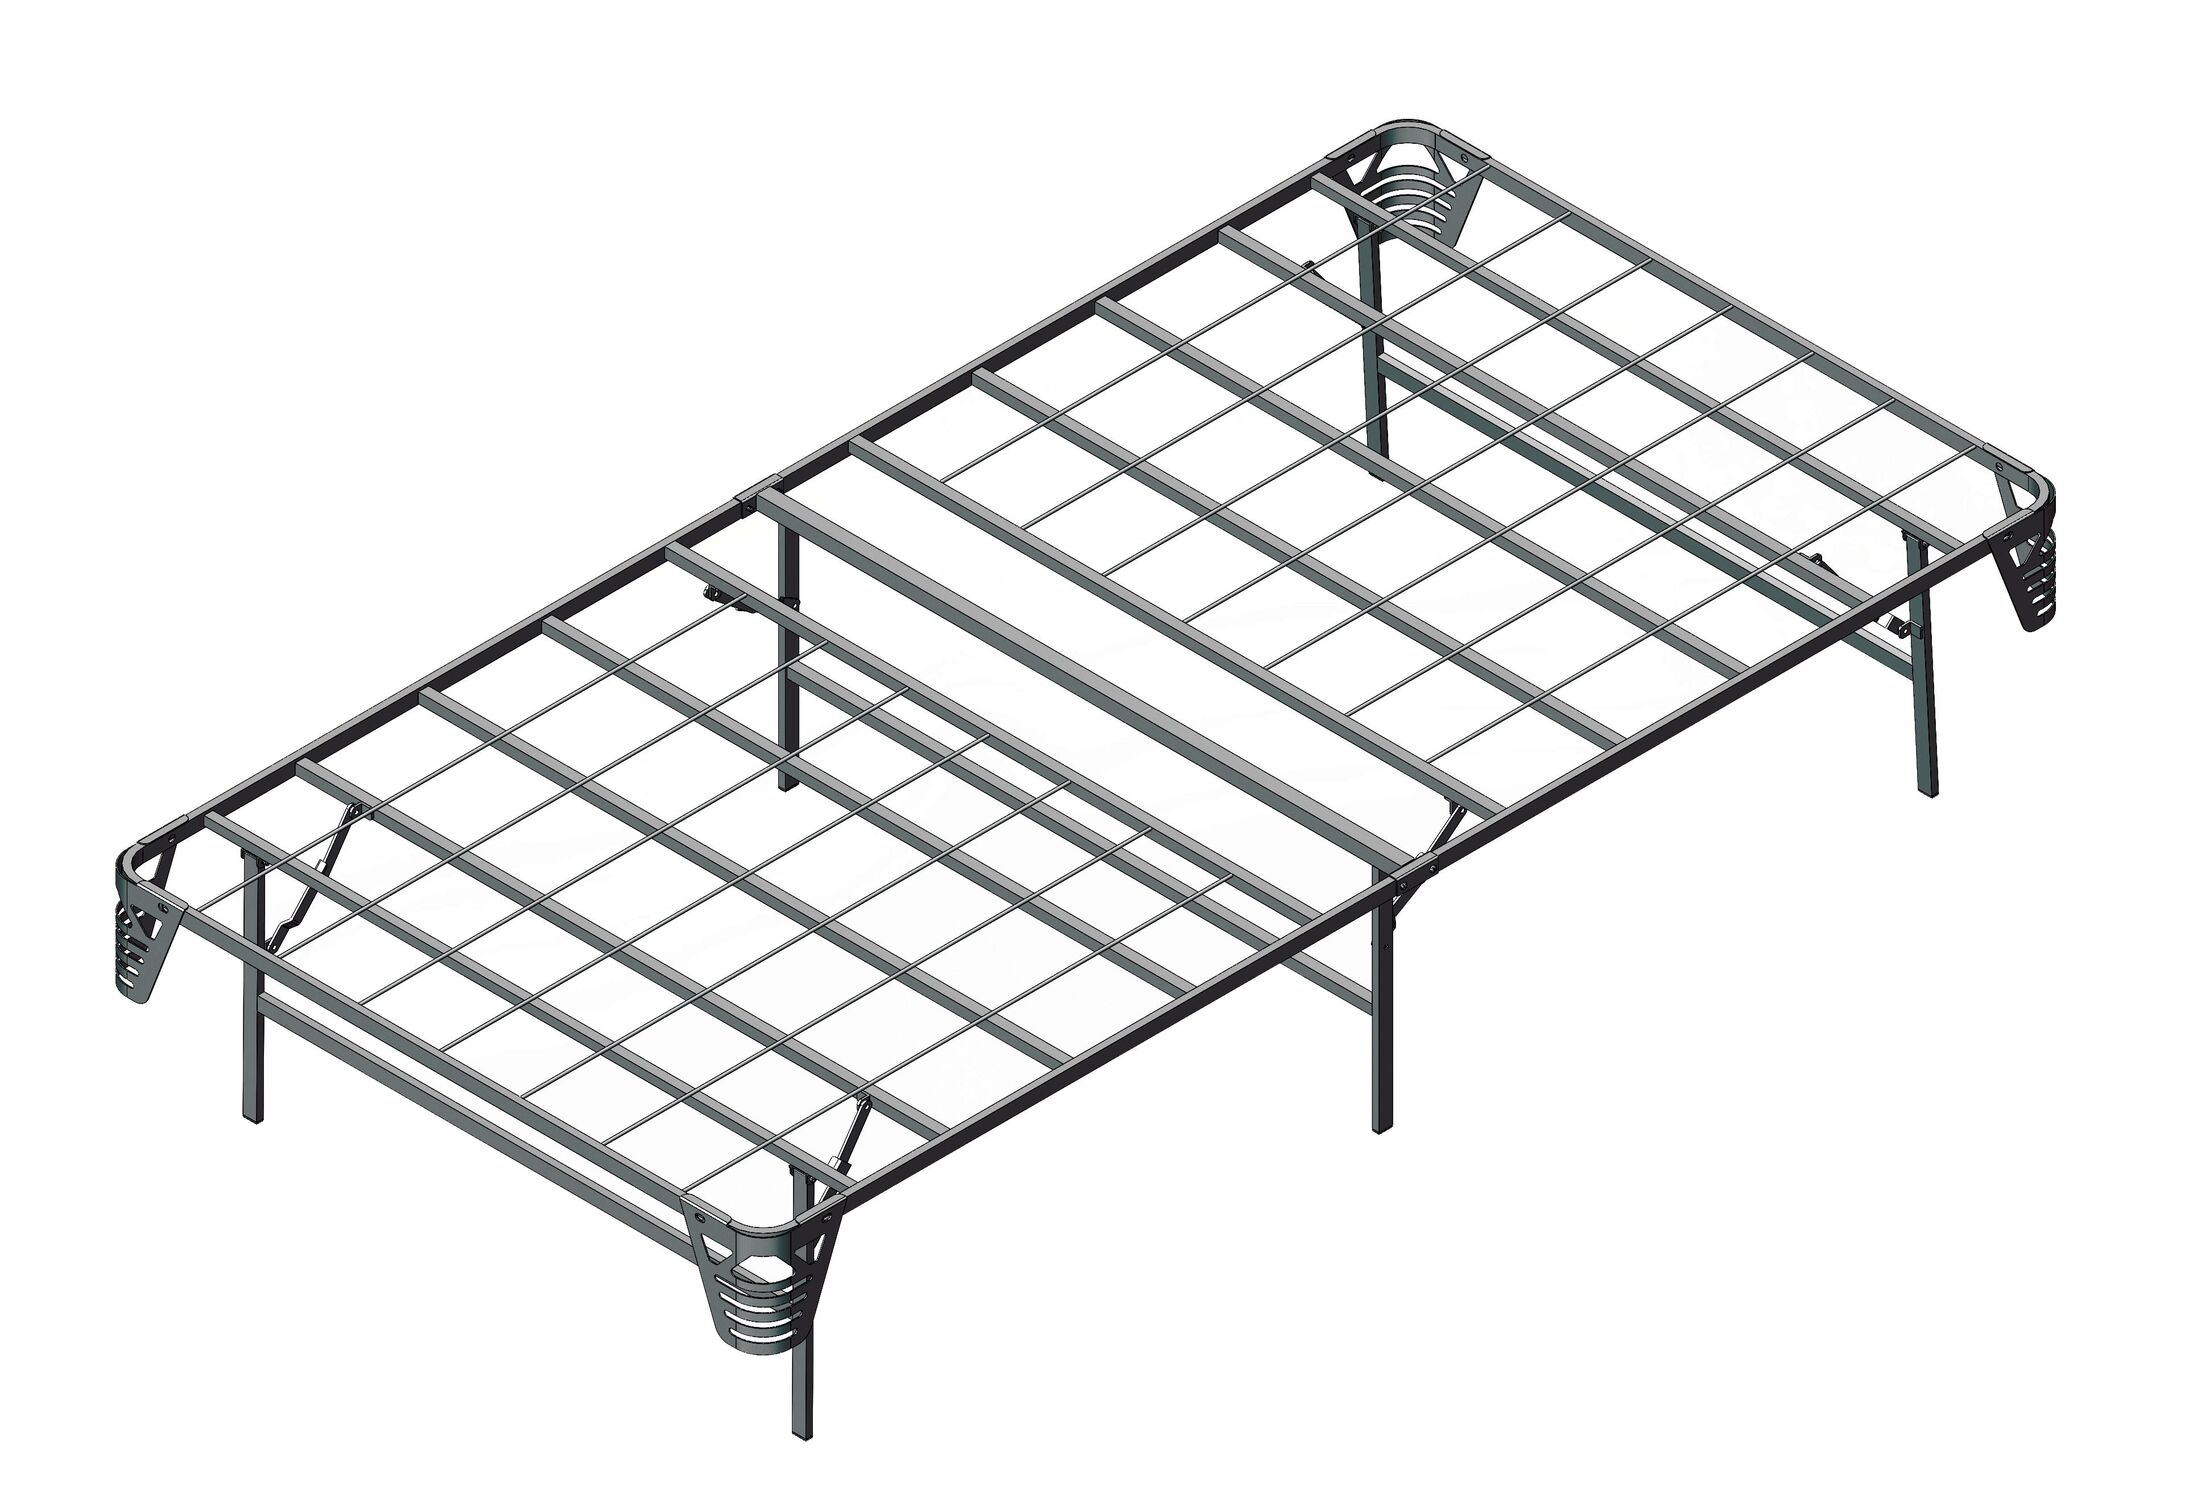 Bed Frame Size: King